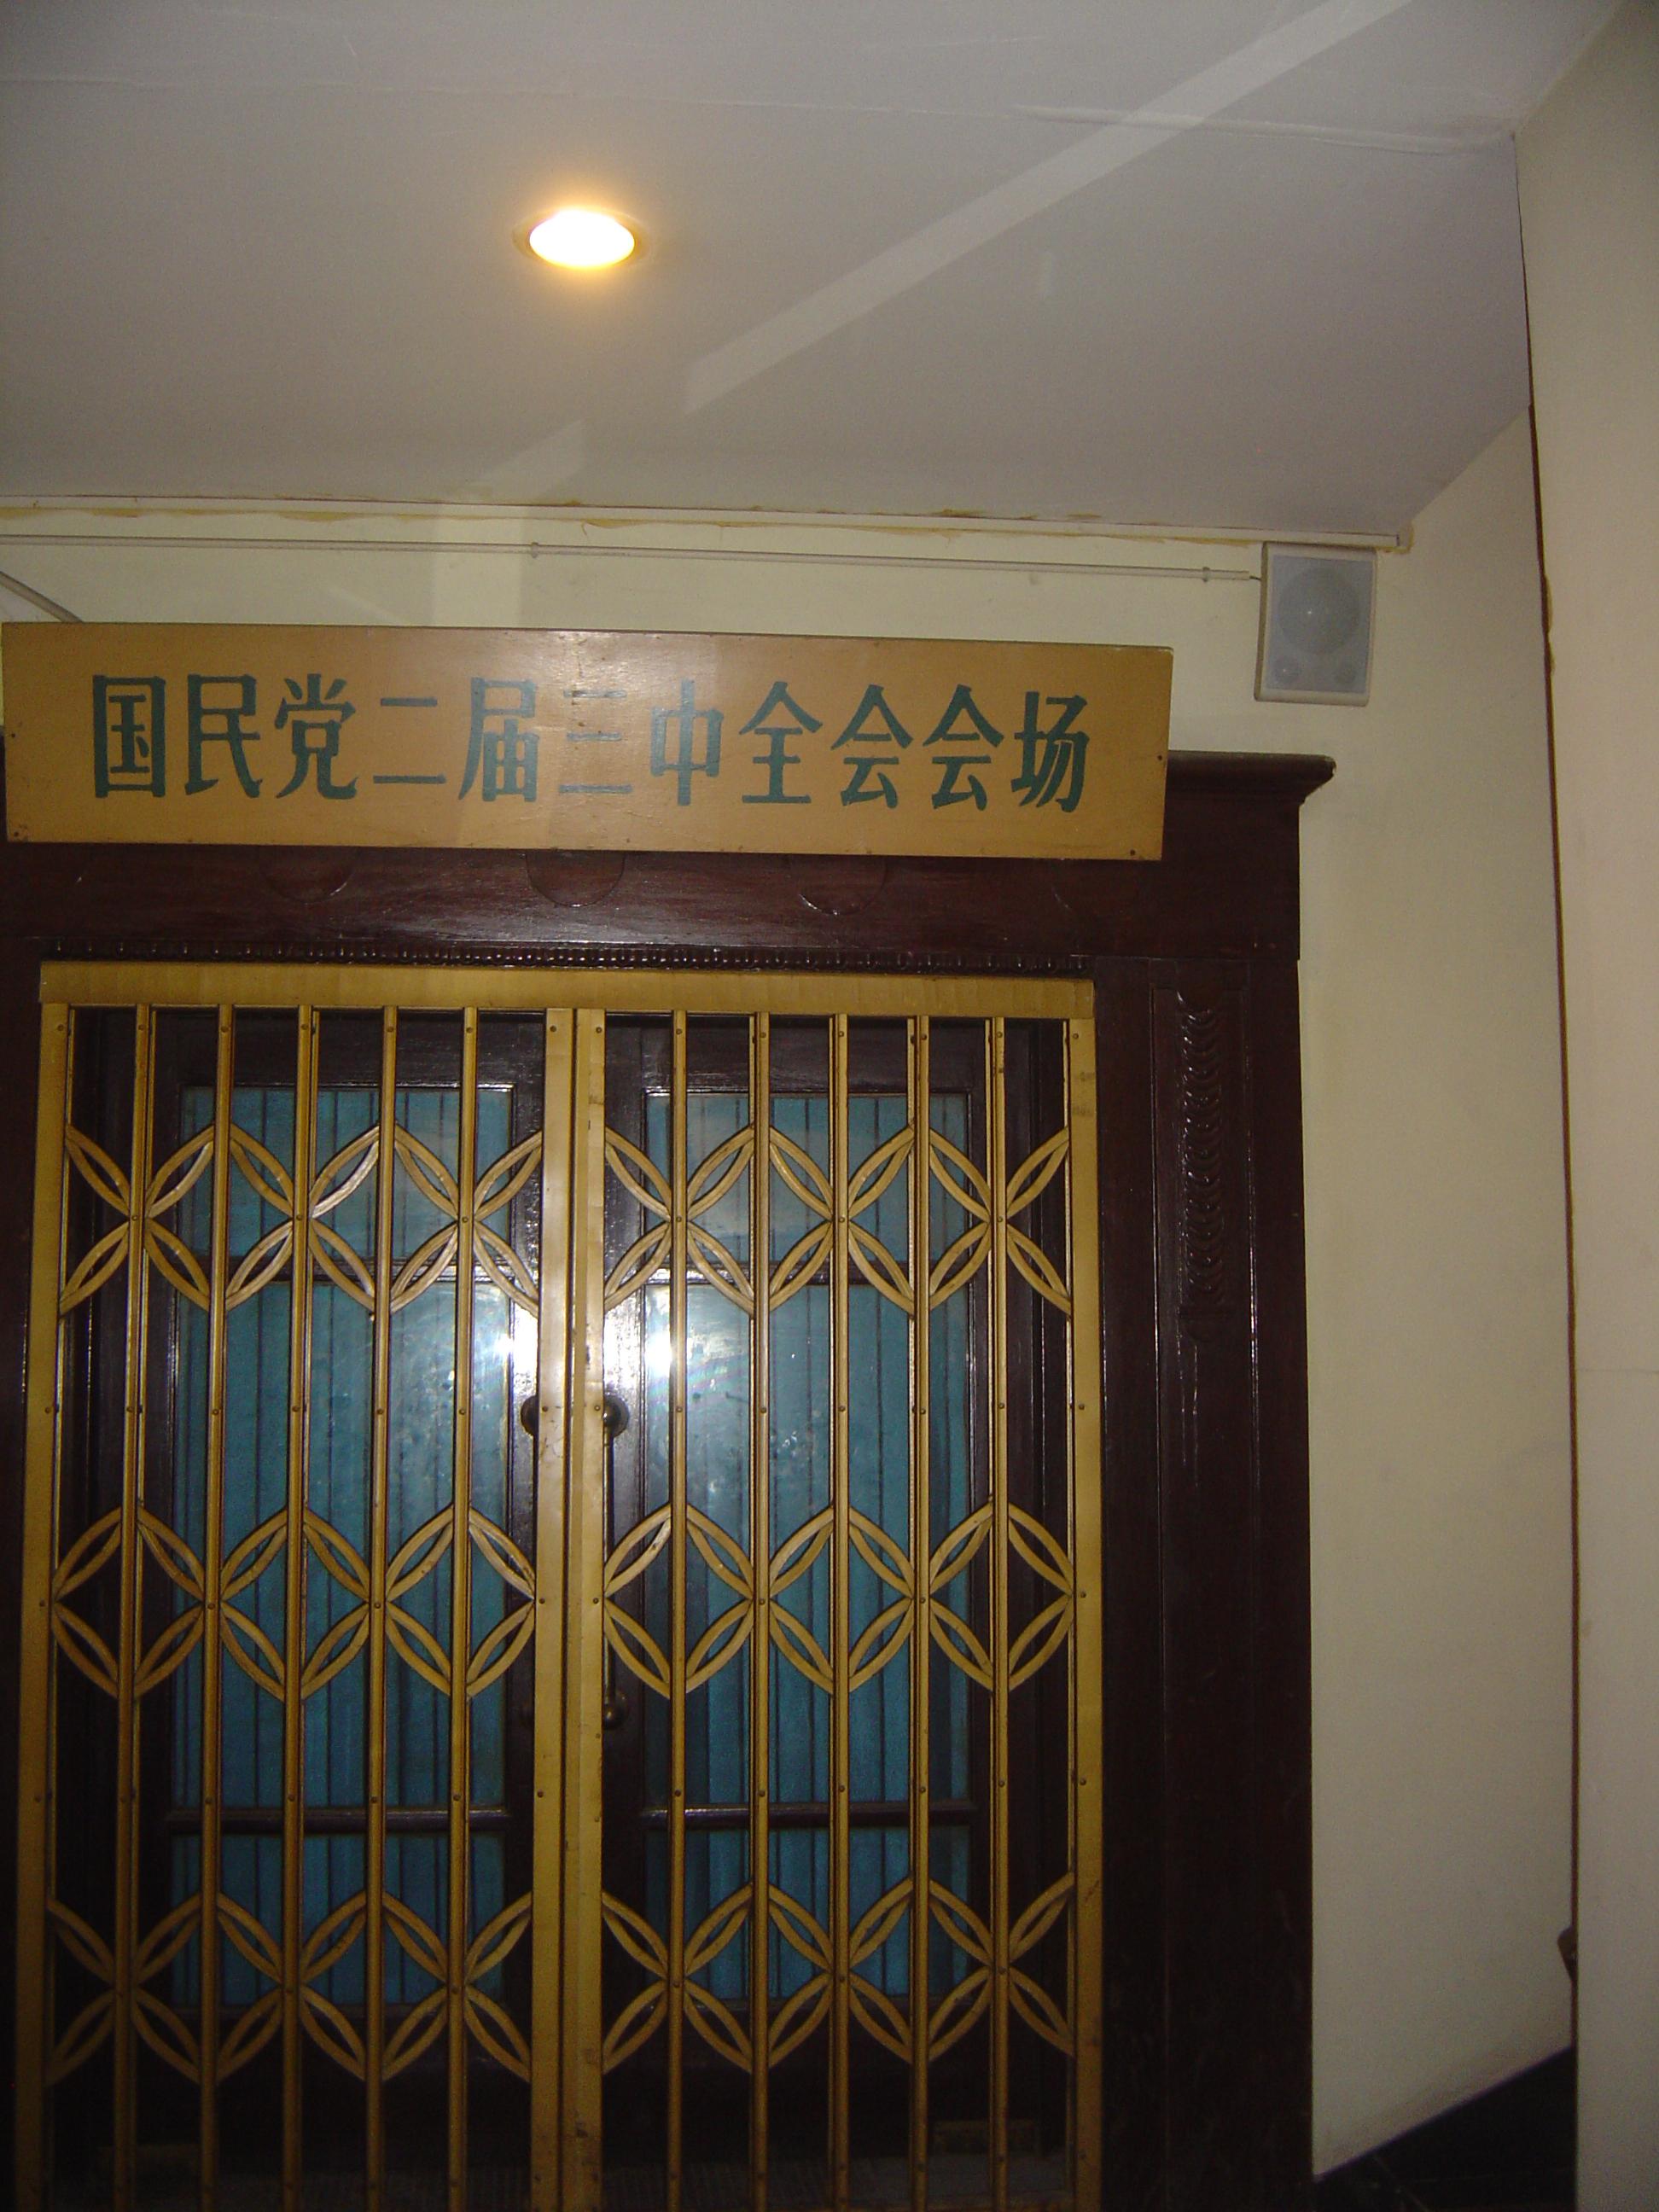 武汉国民政府旧址(汉口南洋大楼),位于汉口中山大道708号,是爱国华侨简氏兄弟投资兴建的南洋兄弟烟草有限公司办公楼,是现存唯一国共合作的中央政府所在地。该楼于1917年兴建,1921年建成。南洋大楼系水泥钢筋结构,坚固宏伟,富丽典雅,富有欧式建筑风貌,是武汉历史文化名城的标志性建筑,与黄鹤楼、红楼并称的三大名楼之一。